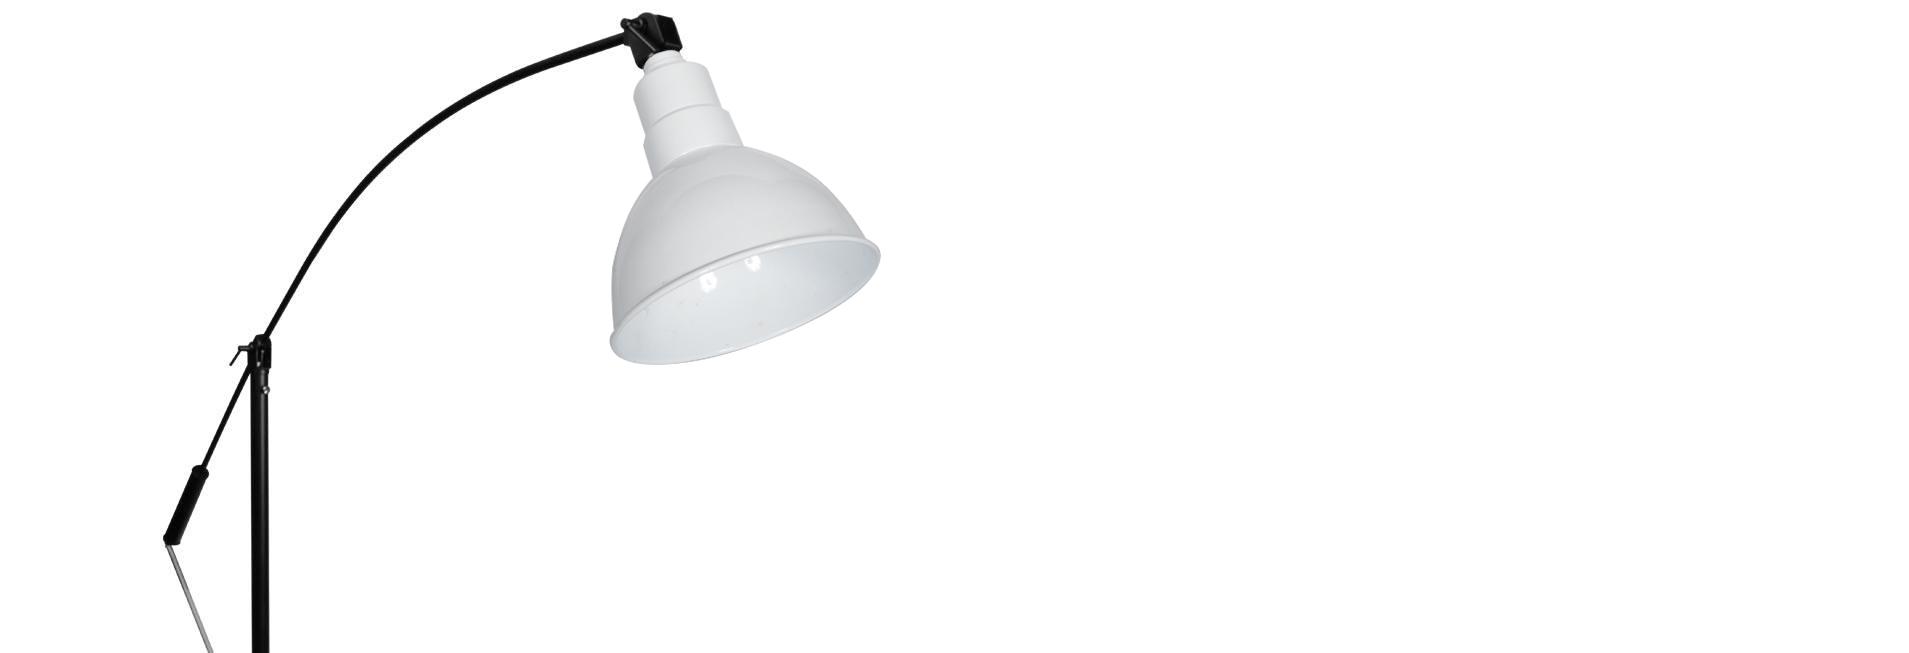 Blackspot LED Floor Lamp